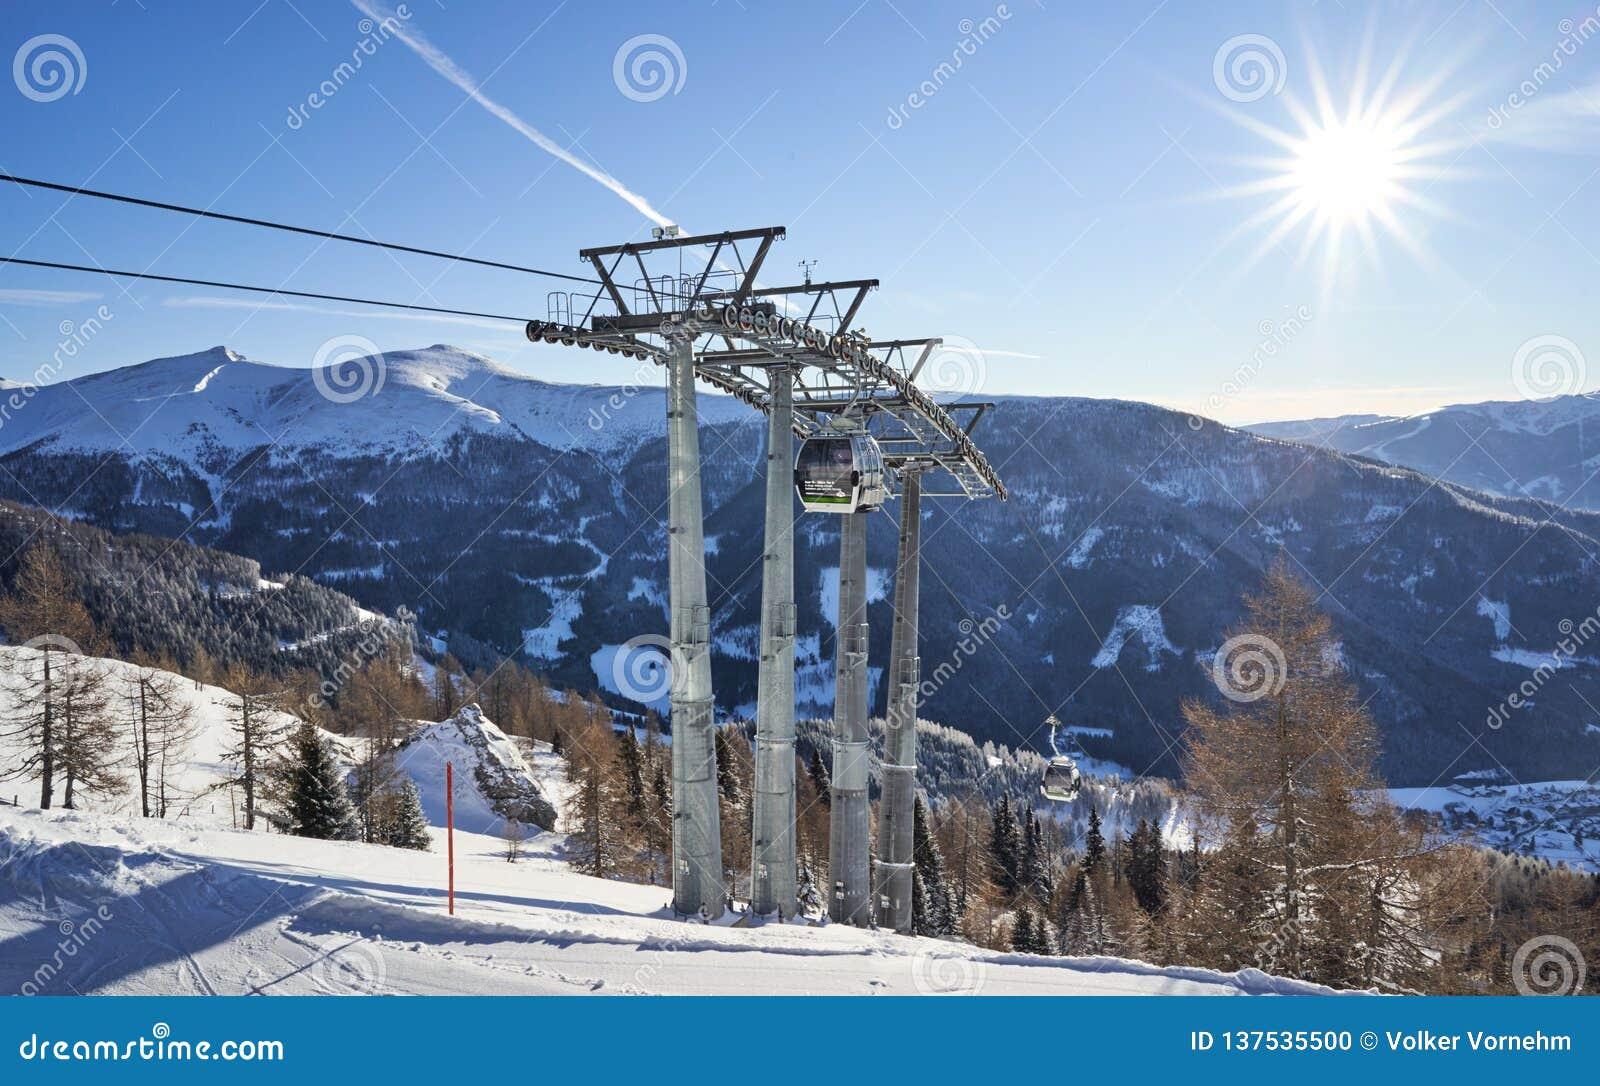 Brunnach Ski Resort, St Oswald, Carinthia, Áustria - 20 de janeiro de 2019: Vista nas últimas colunas da parte superior da gôndol